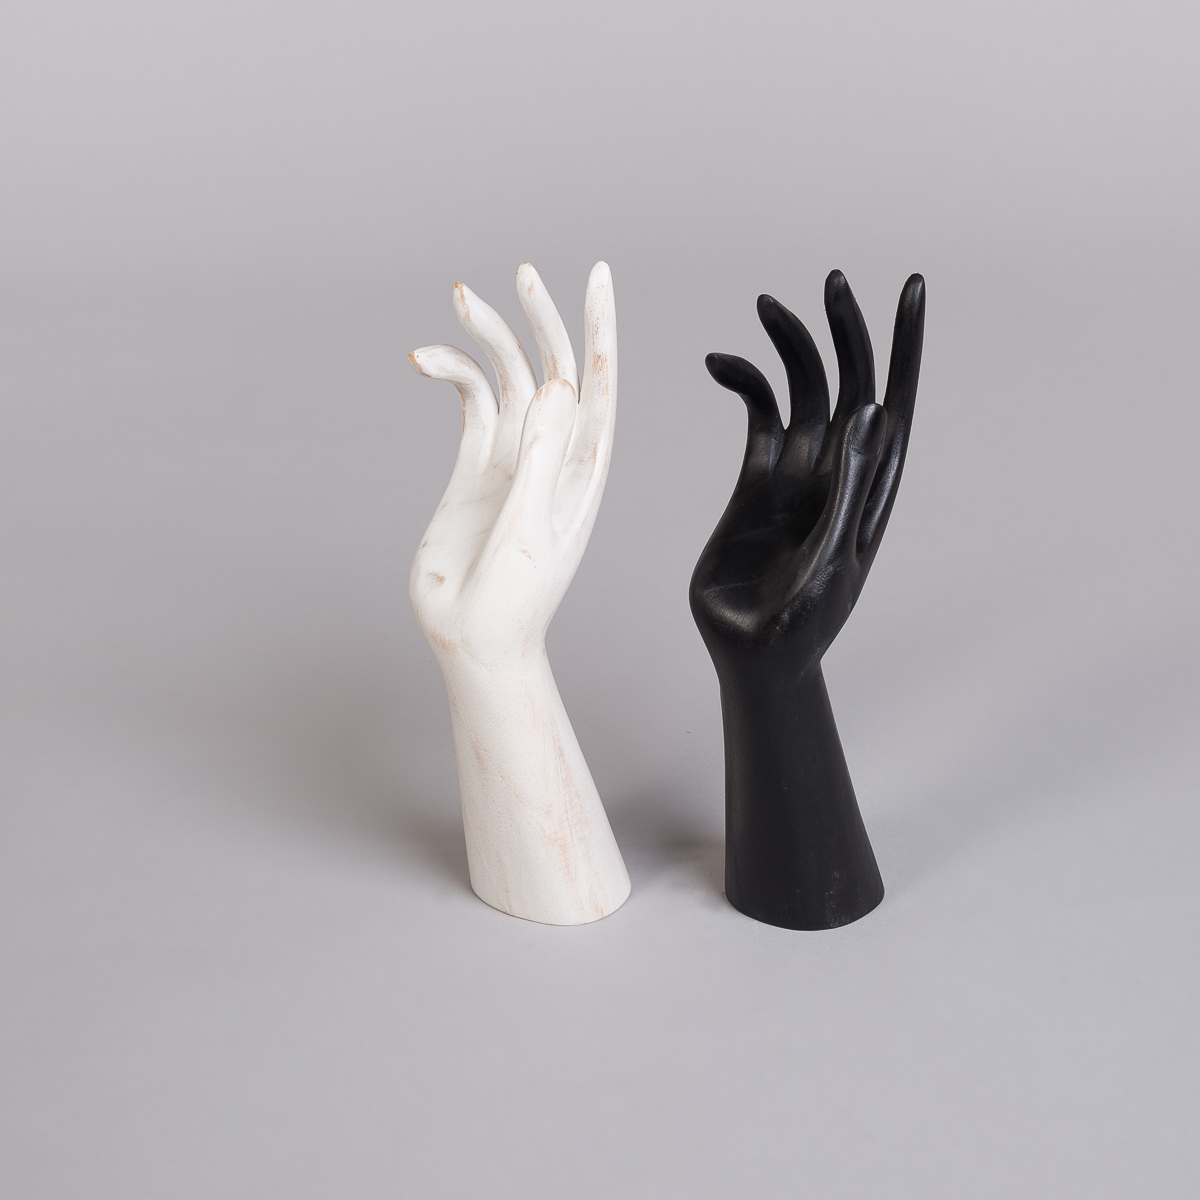 Smykkeholder Hånd i hvit - Høyde 30 cm-72